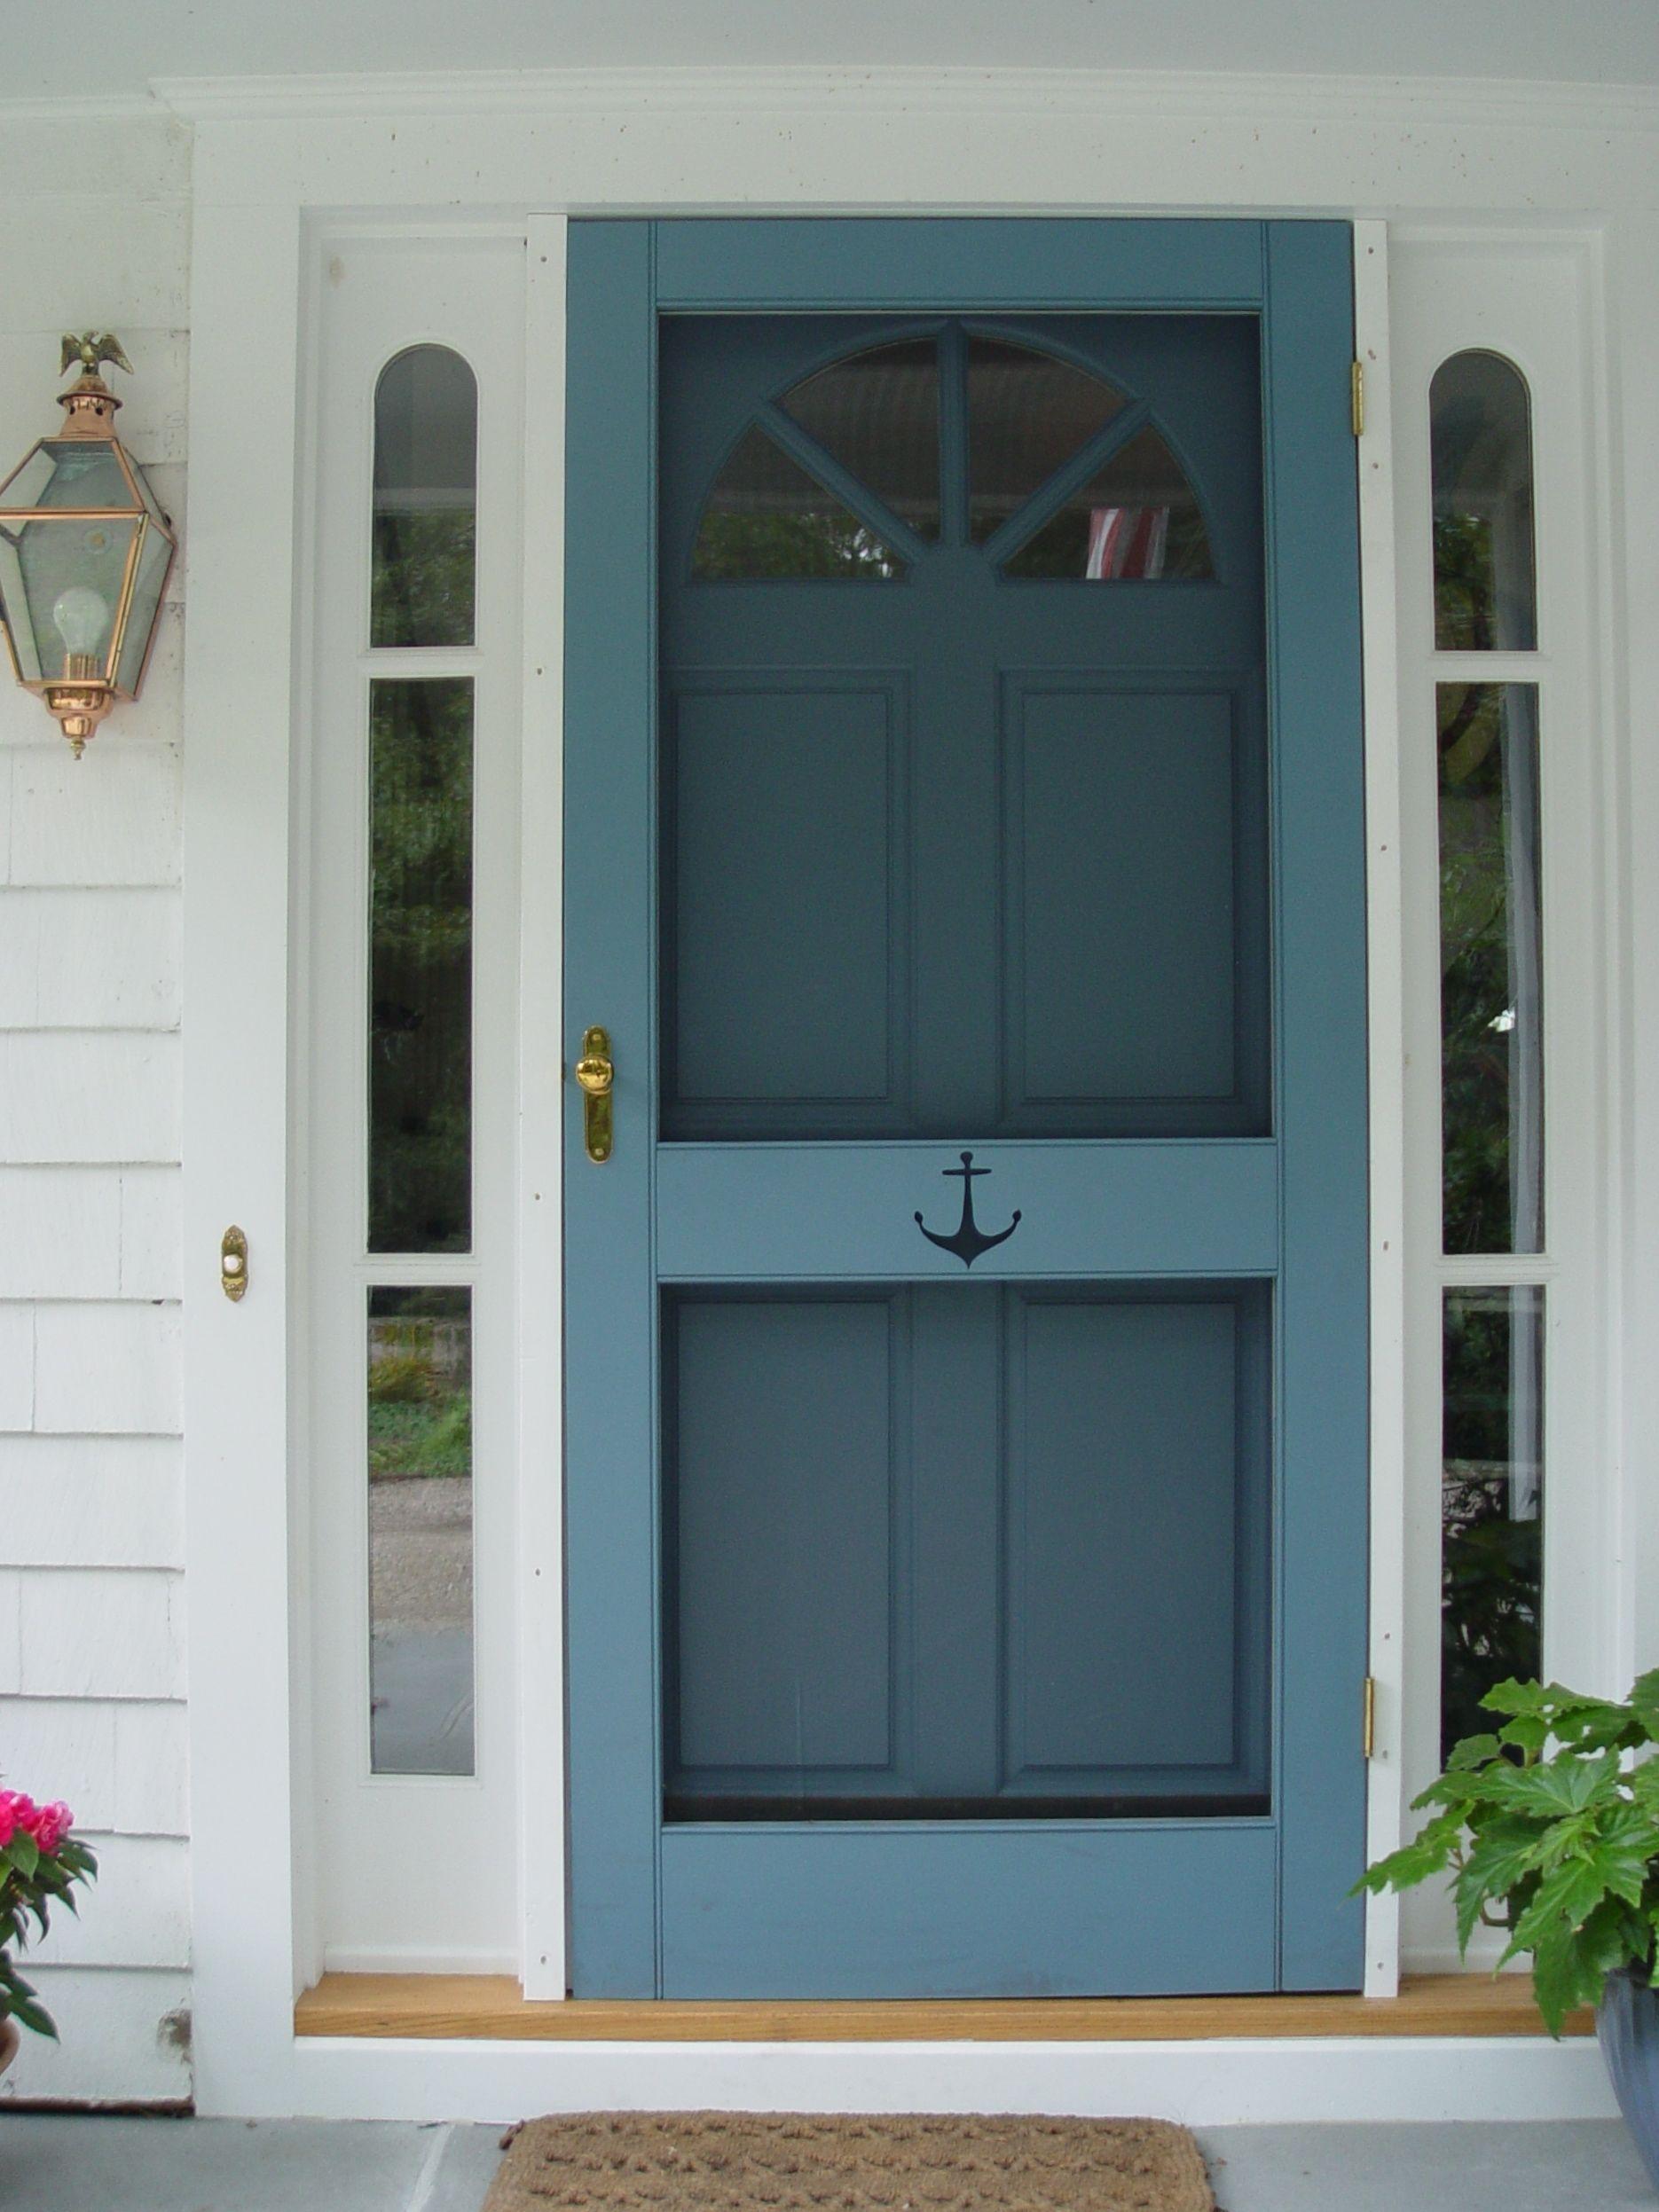 Exterior Door With Screen Insert Httpthefallguyediting